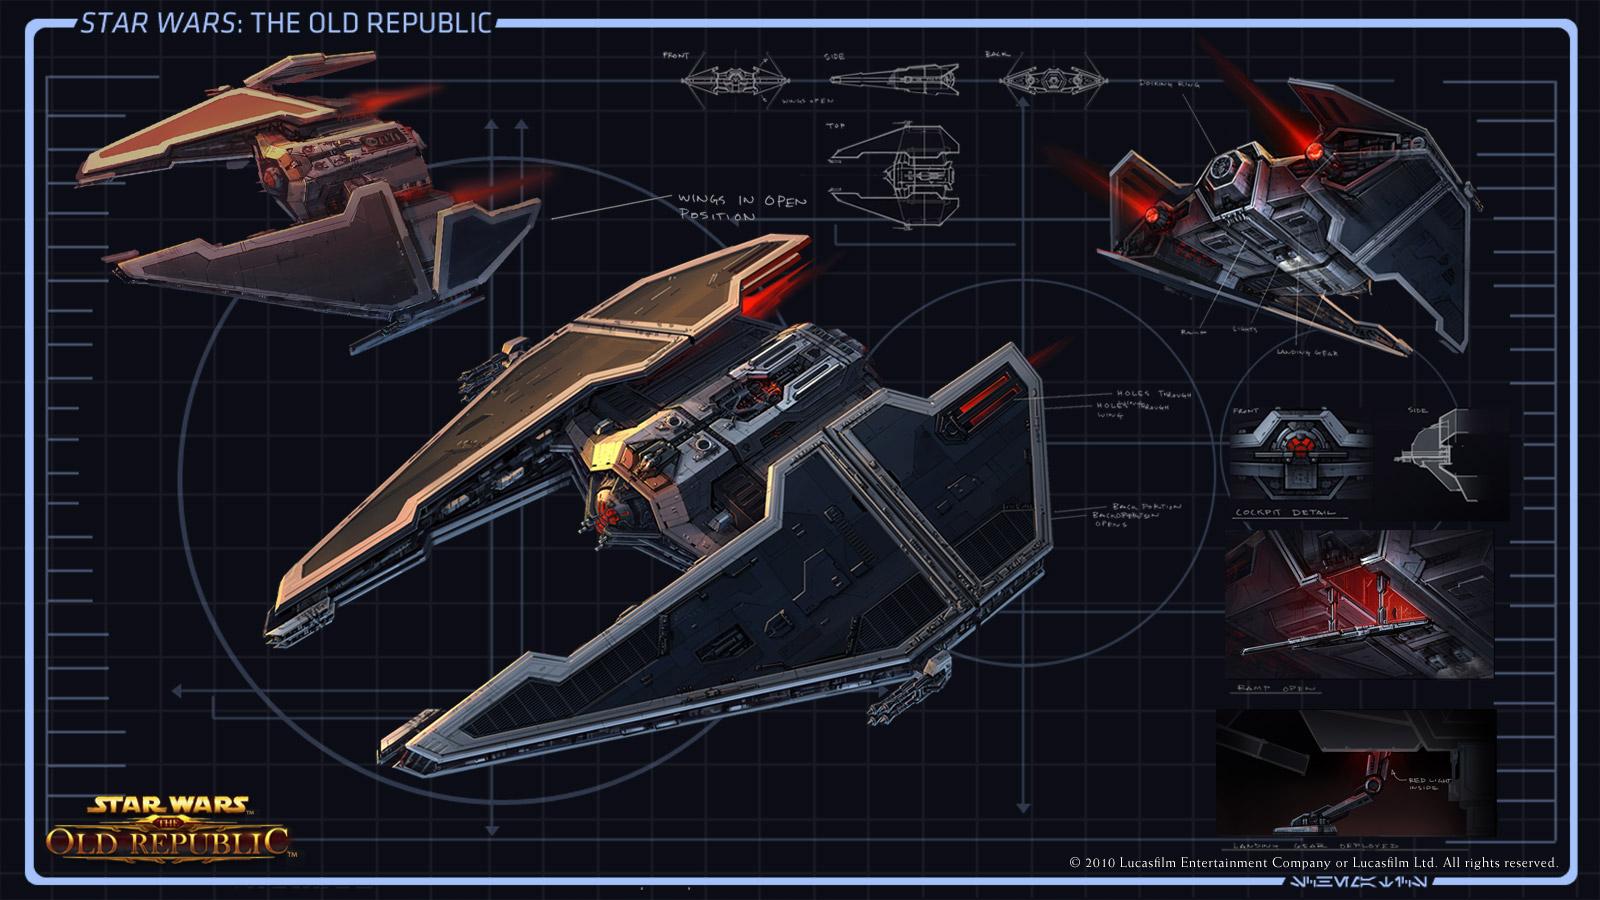 Mailanka's Musings: Imperial Navy: Starships